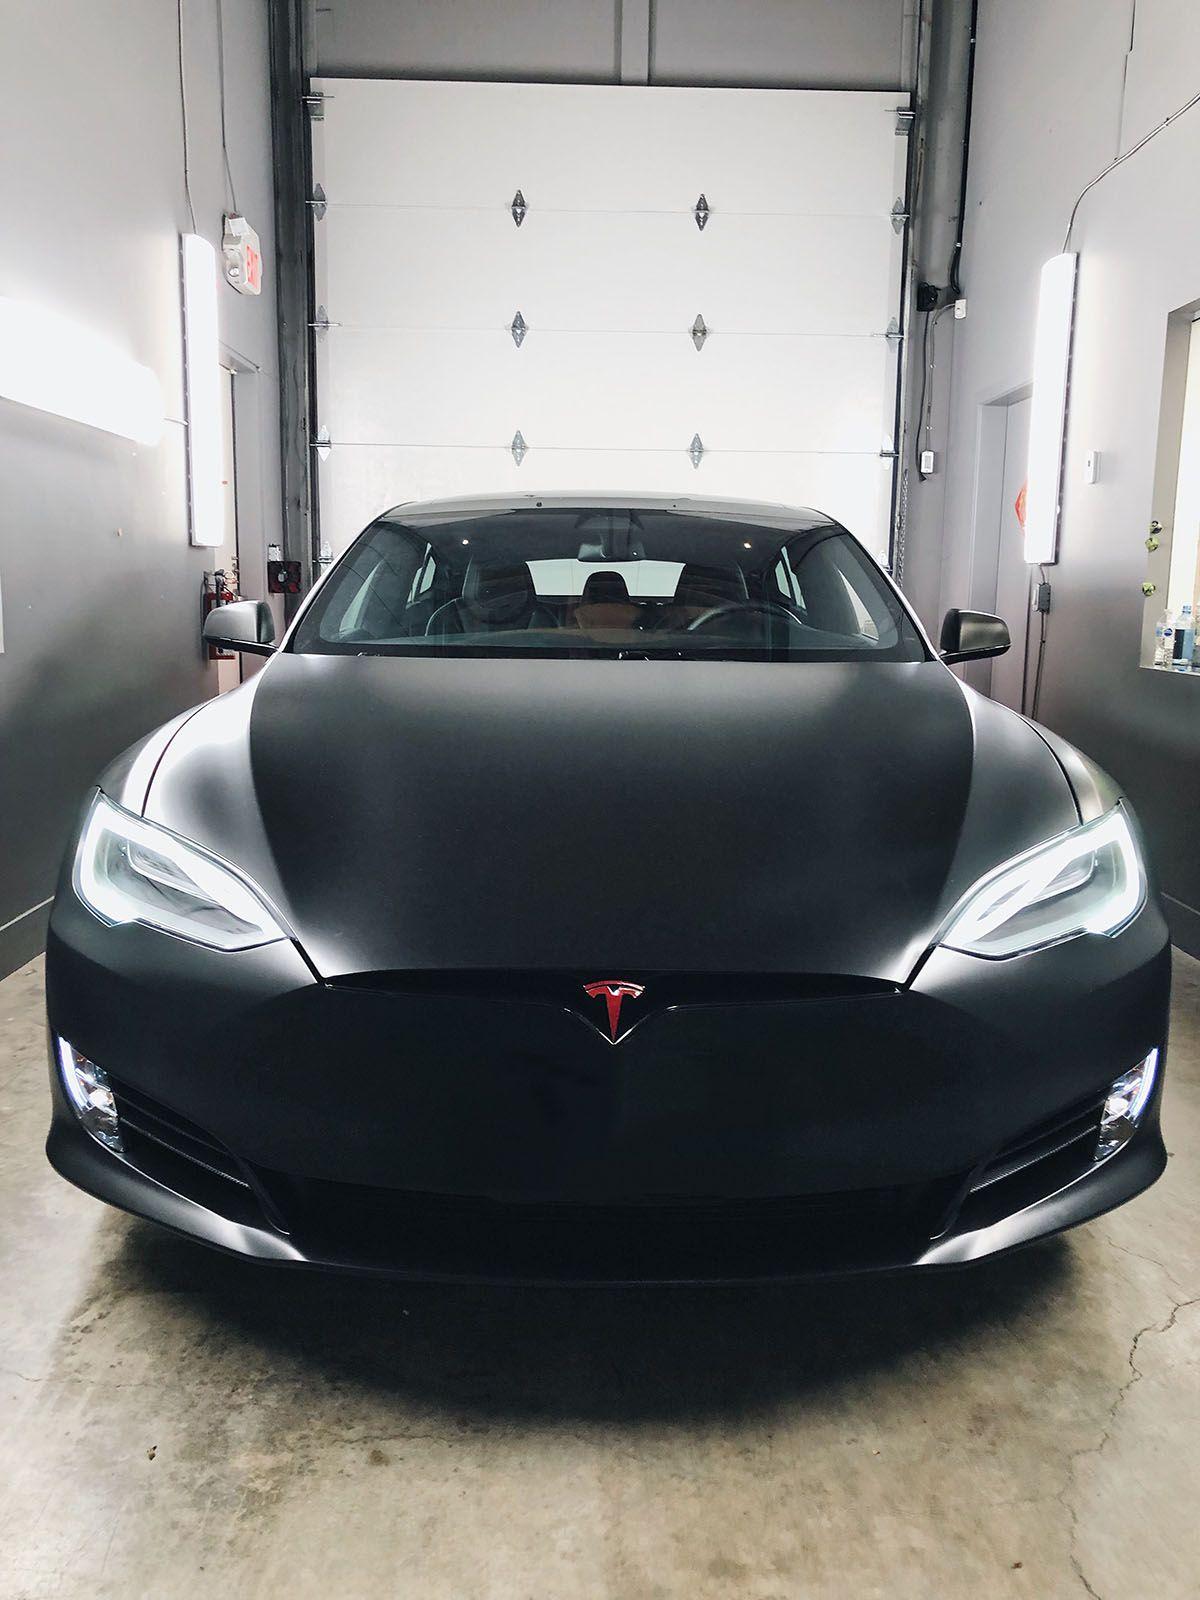 Tesla Model S Satin Black In 2020 Tesla Model S Tesla Model S Black Tesla Model